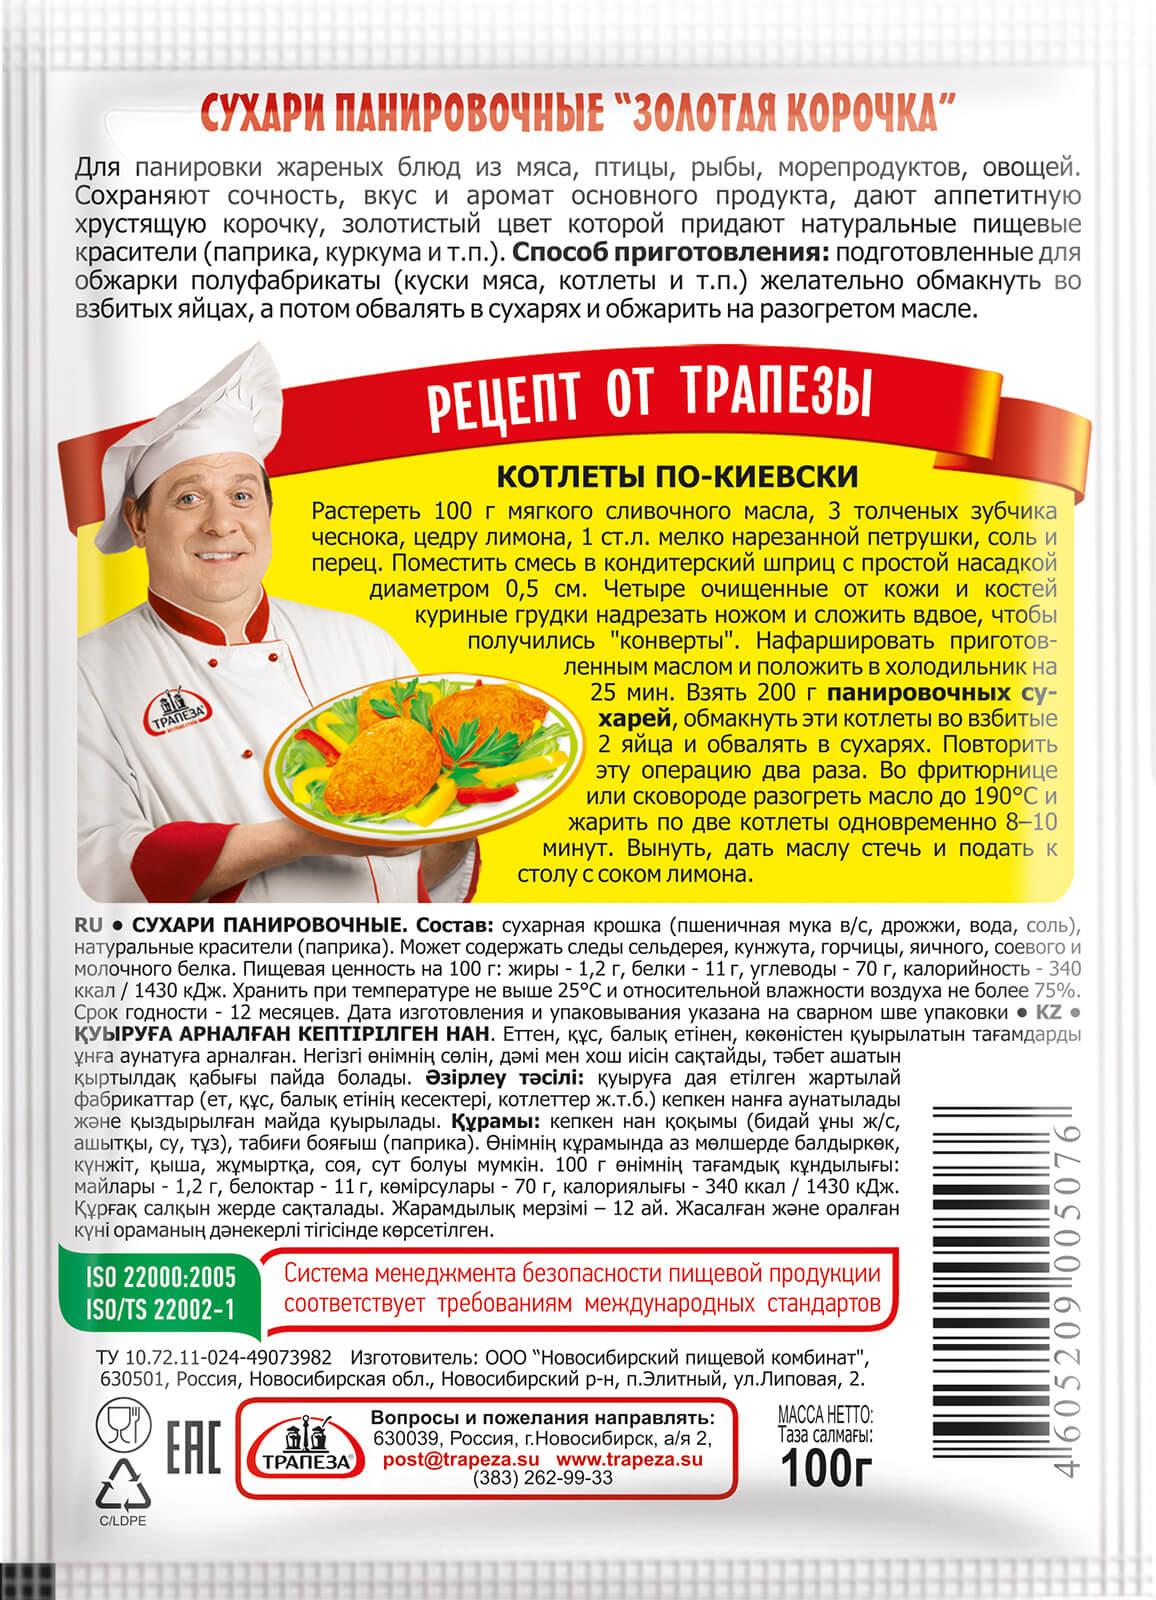 сухари панировочные Трапеза 100г.